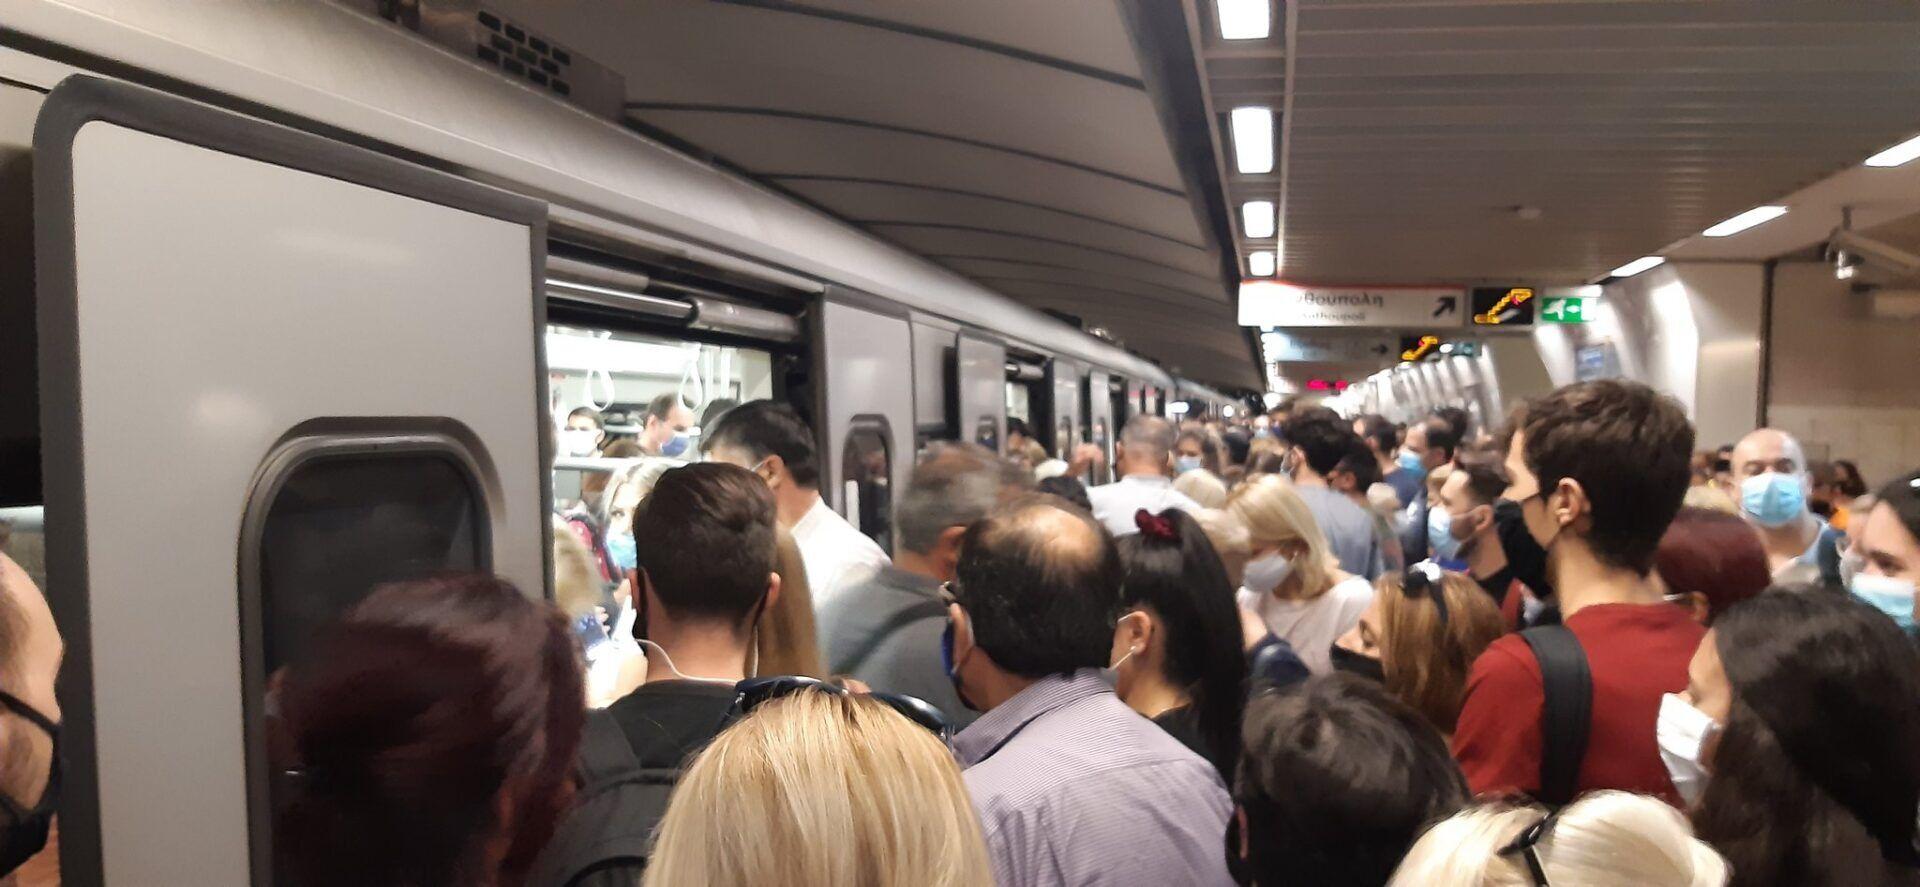 Κορονοϊός: Το αδιαχώρητο στο Μετρό Συντάγματος παρά τα… 453 κρούσματα